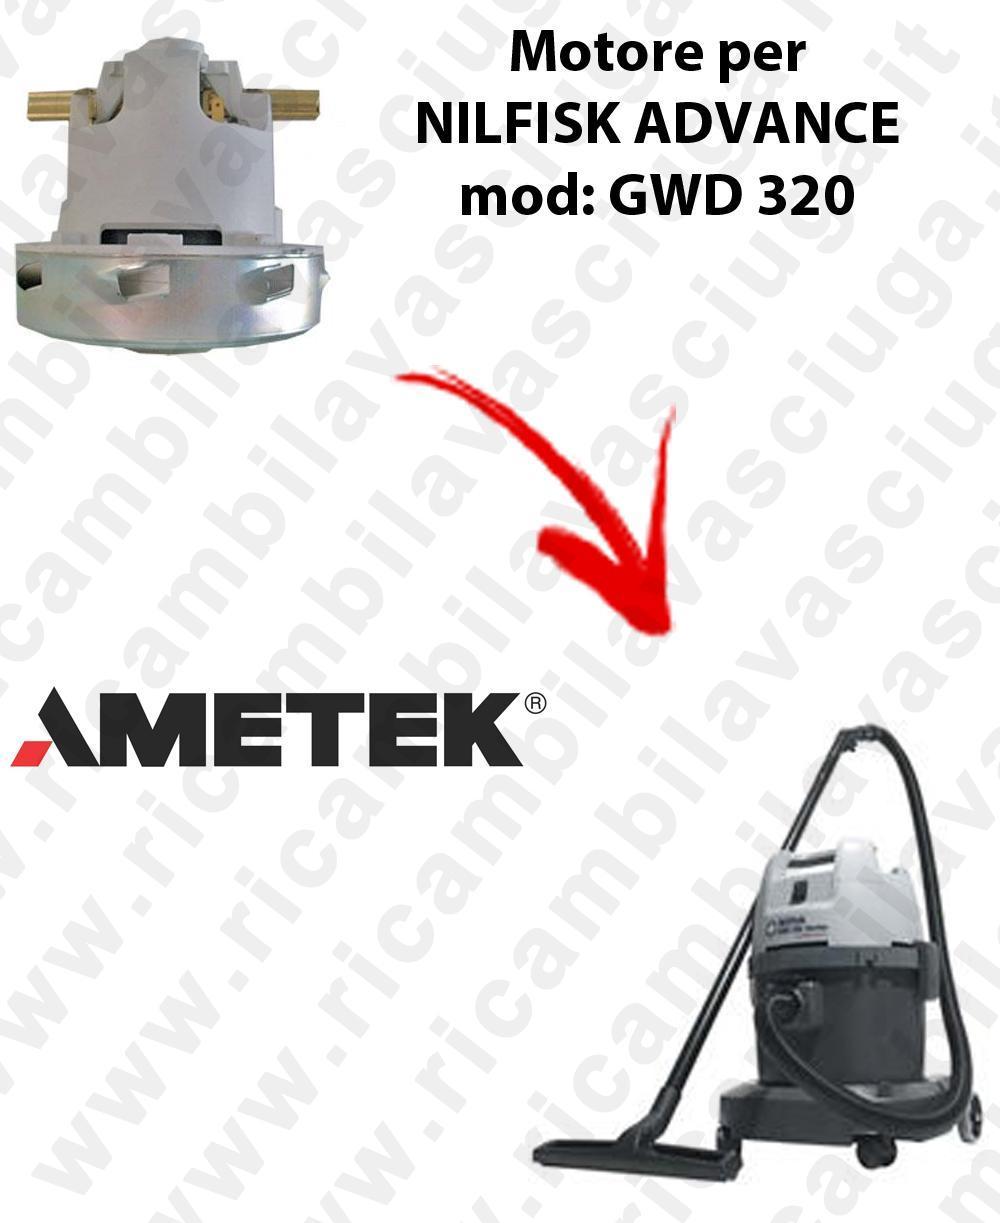 GWD 320 MOTORE AMETEK di aspirazione per aspirapolvere NILFISK ADVANCE